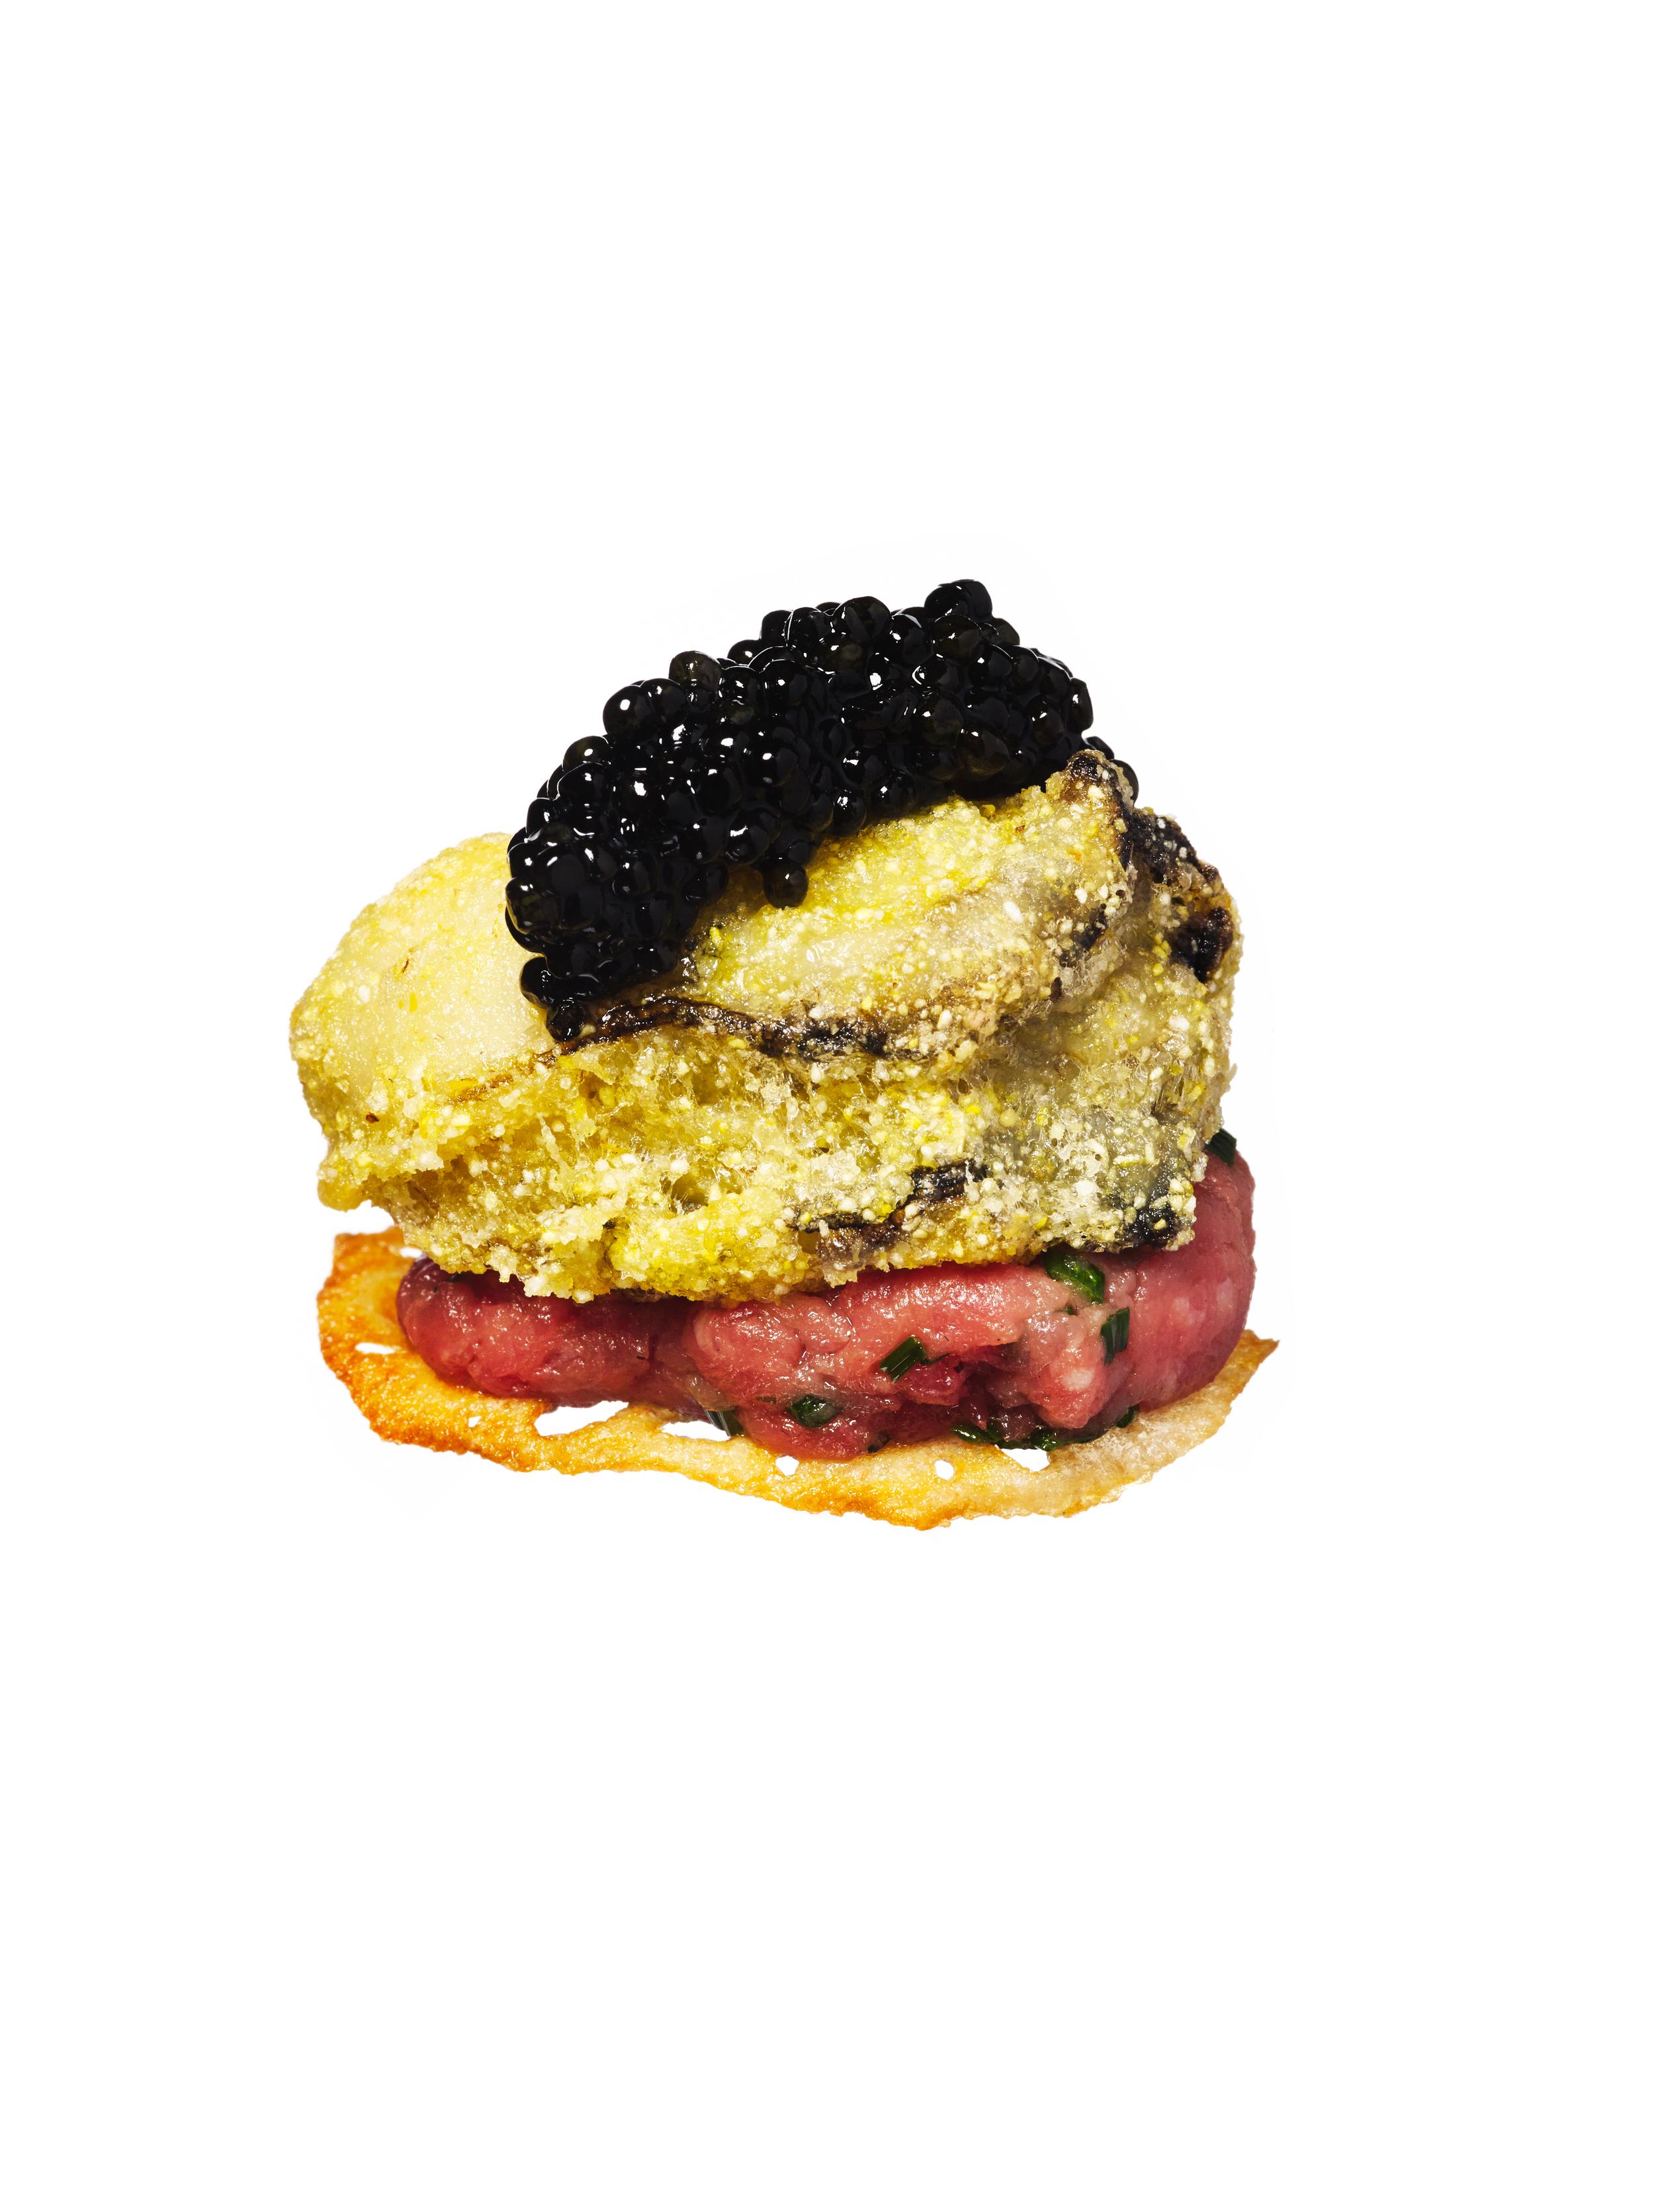 steak tartar + oyster + caviar canapés